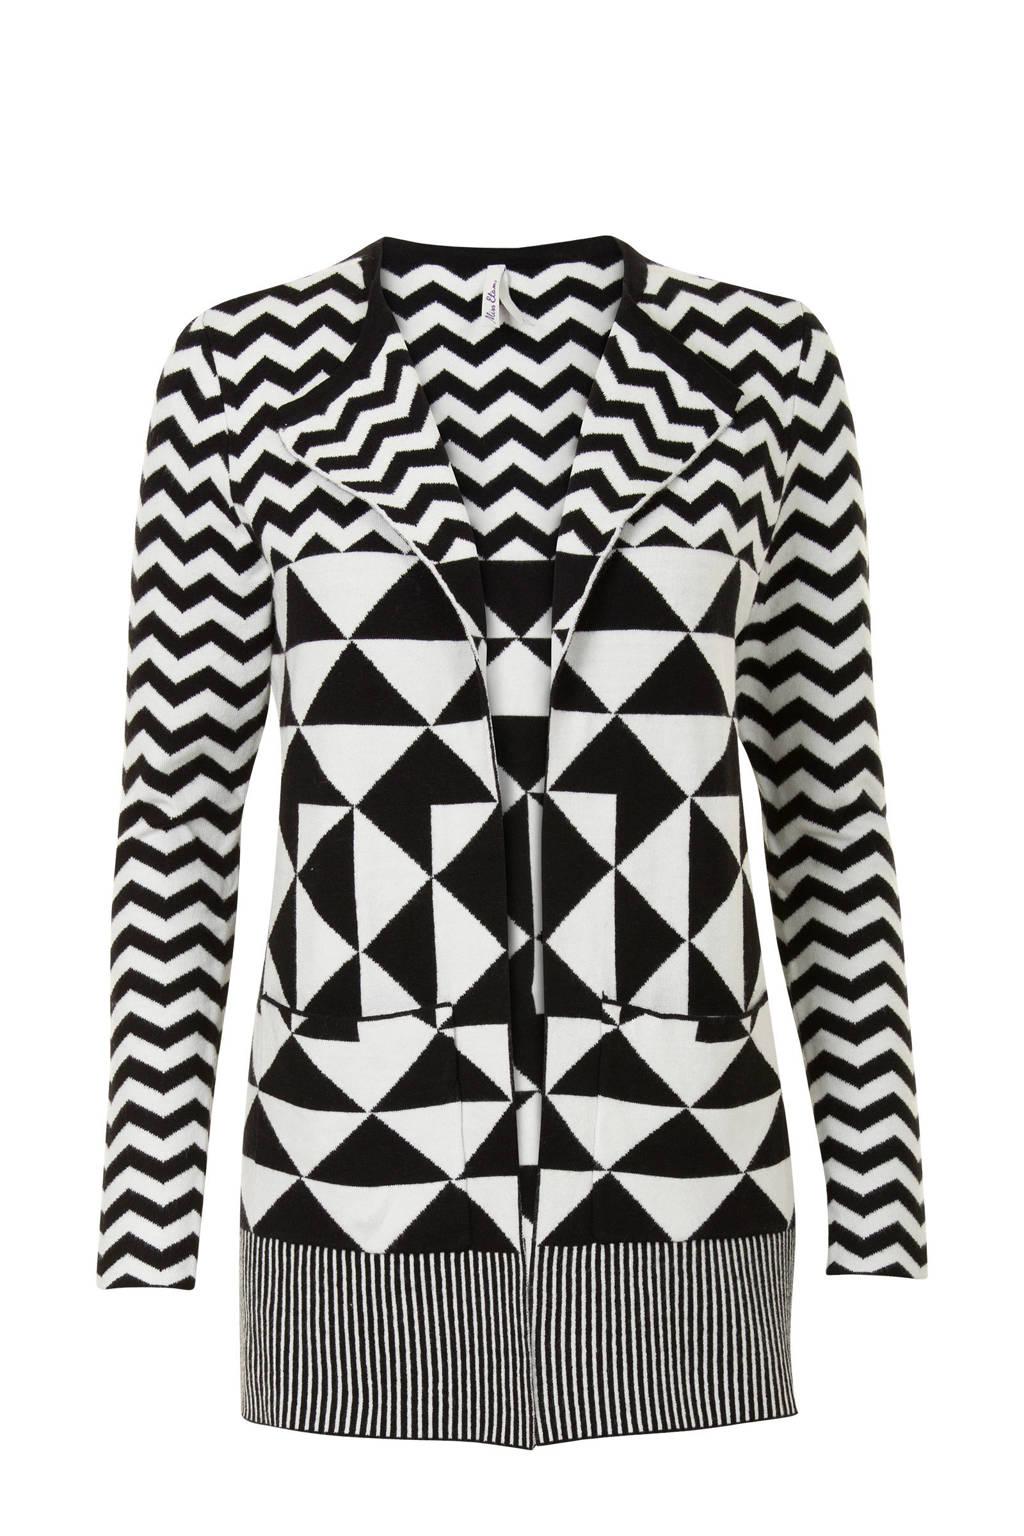 Miss Etam Regulier vest met all over print zwart, Zwart